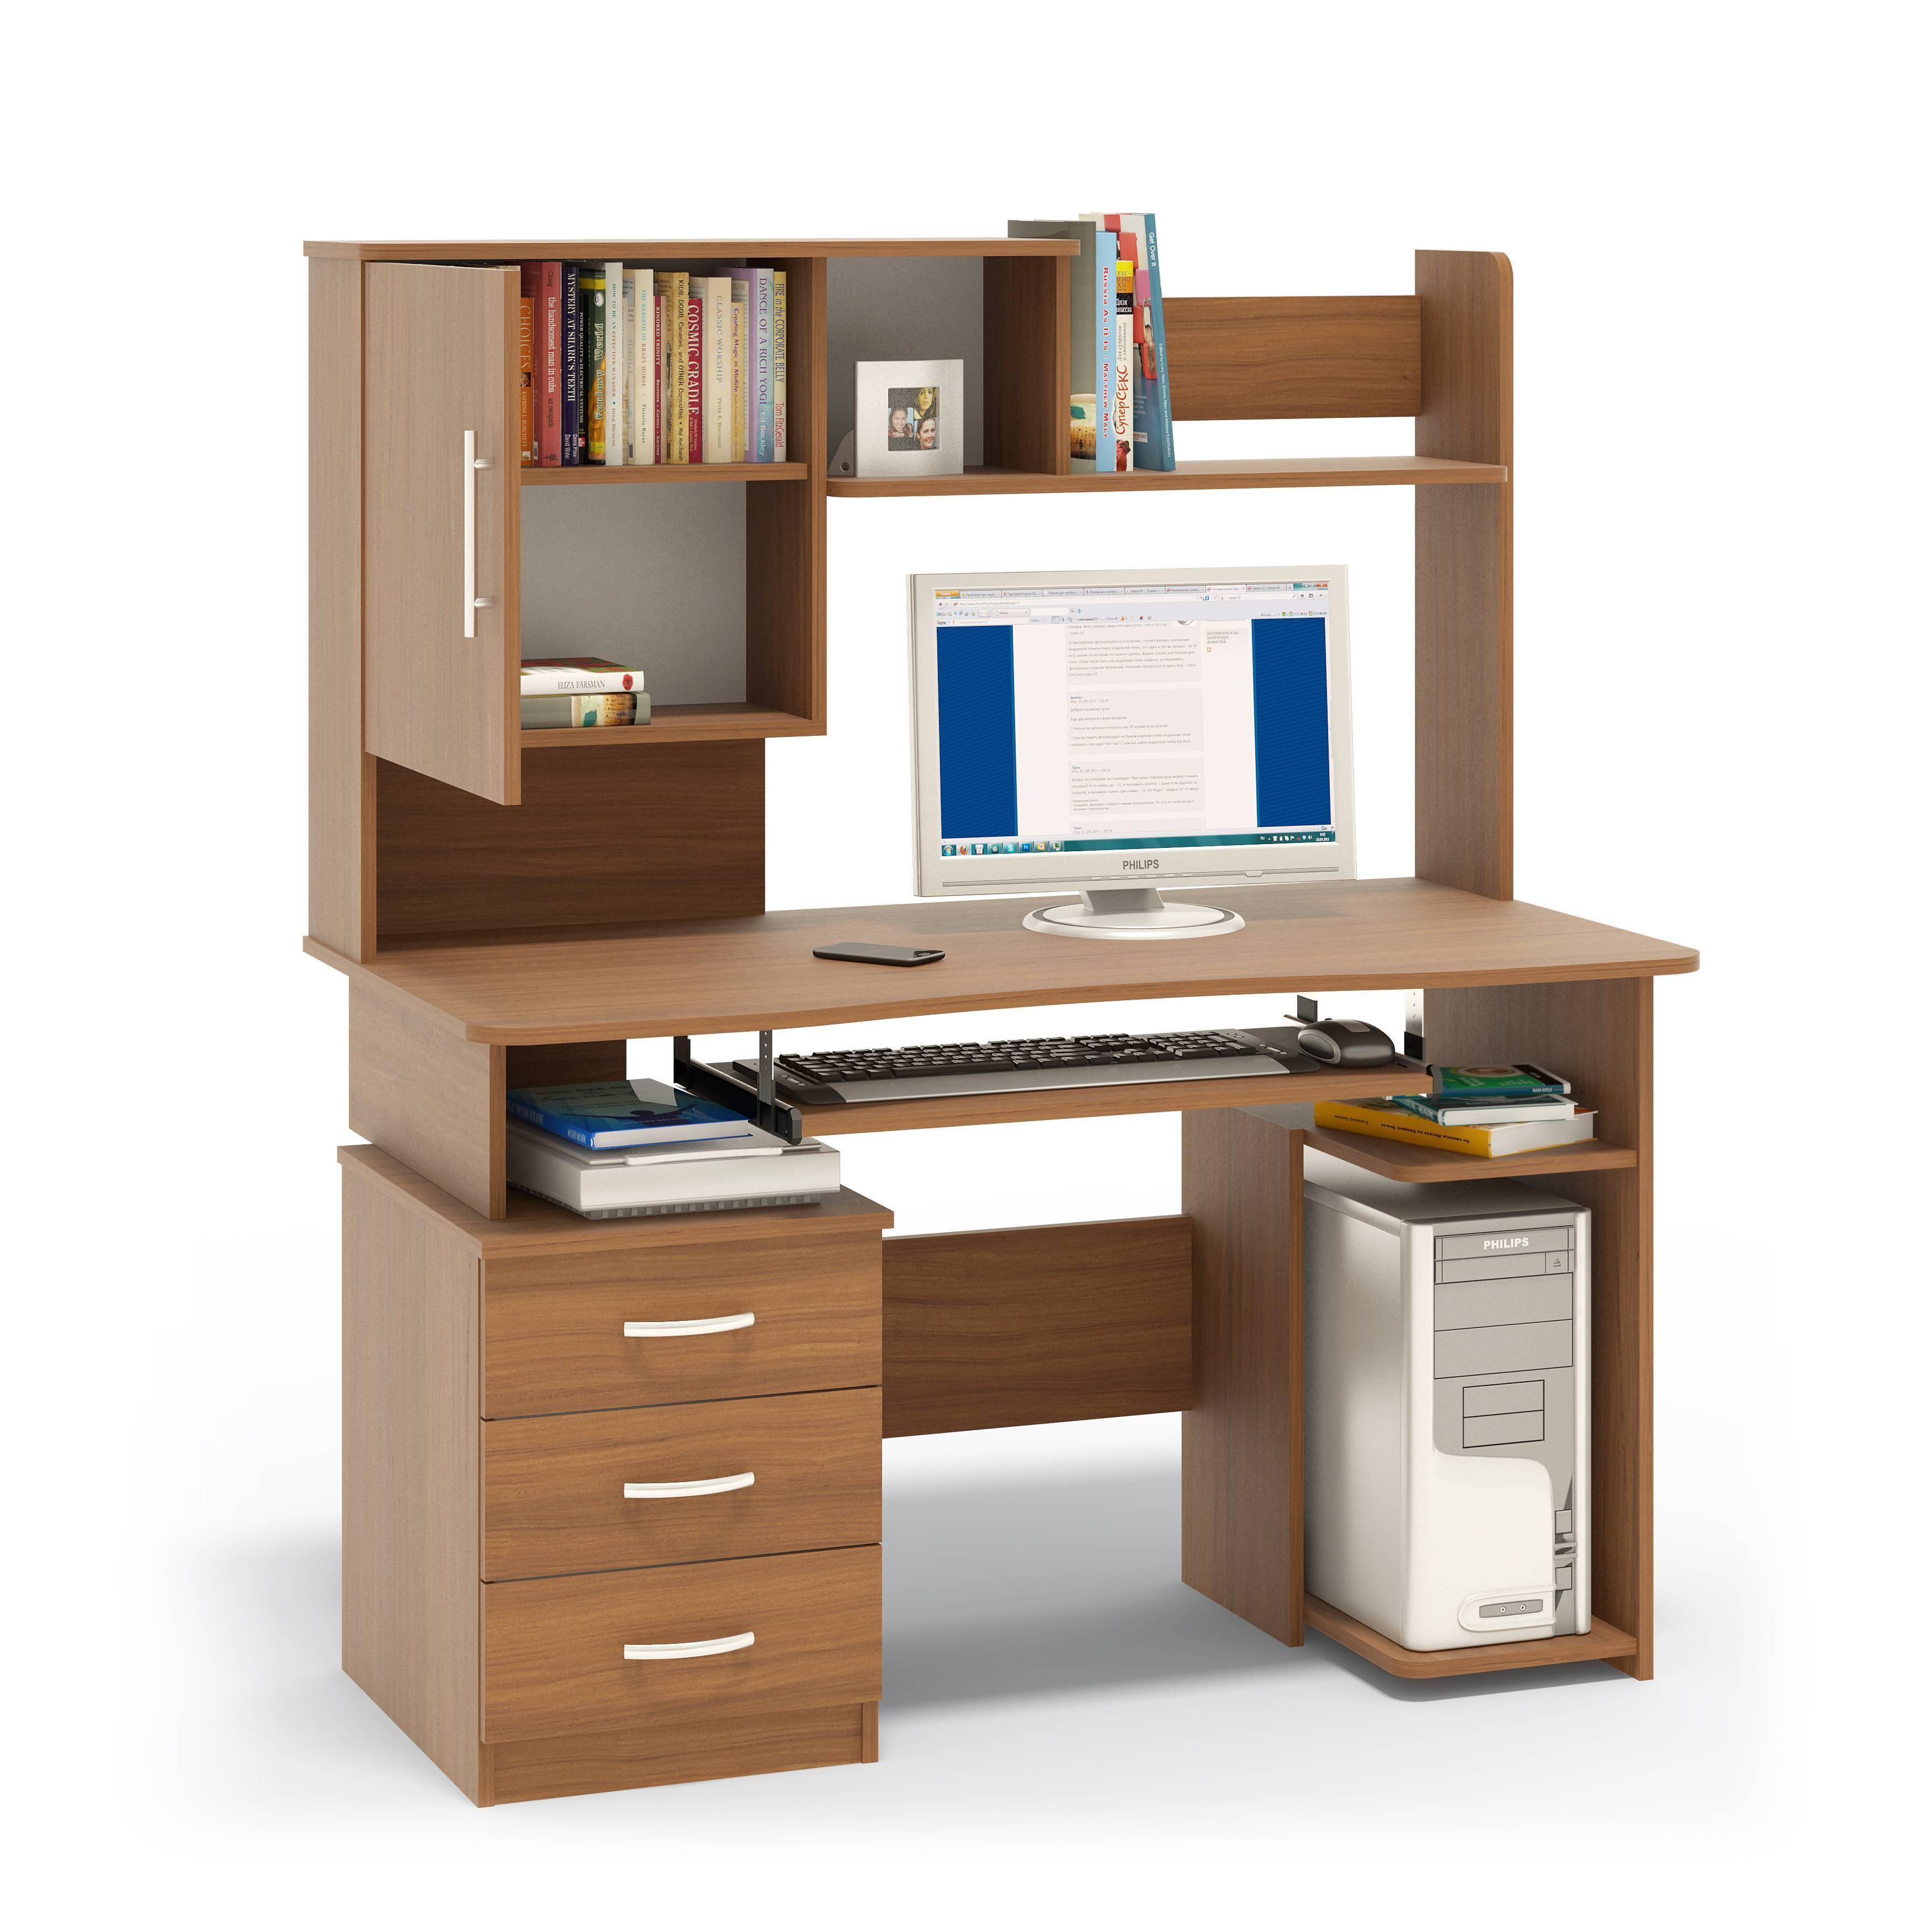 Компьютерный стол кст-08.1 с надстройкой кн-34 - купить по ц.